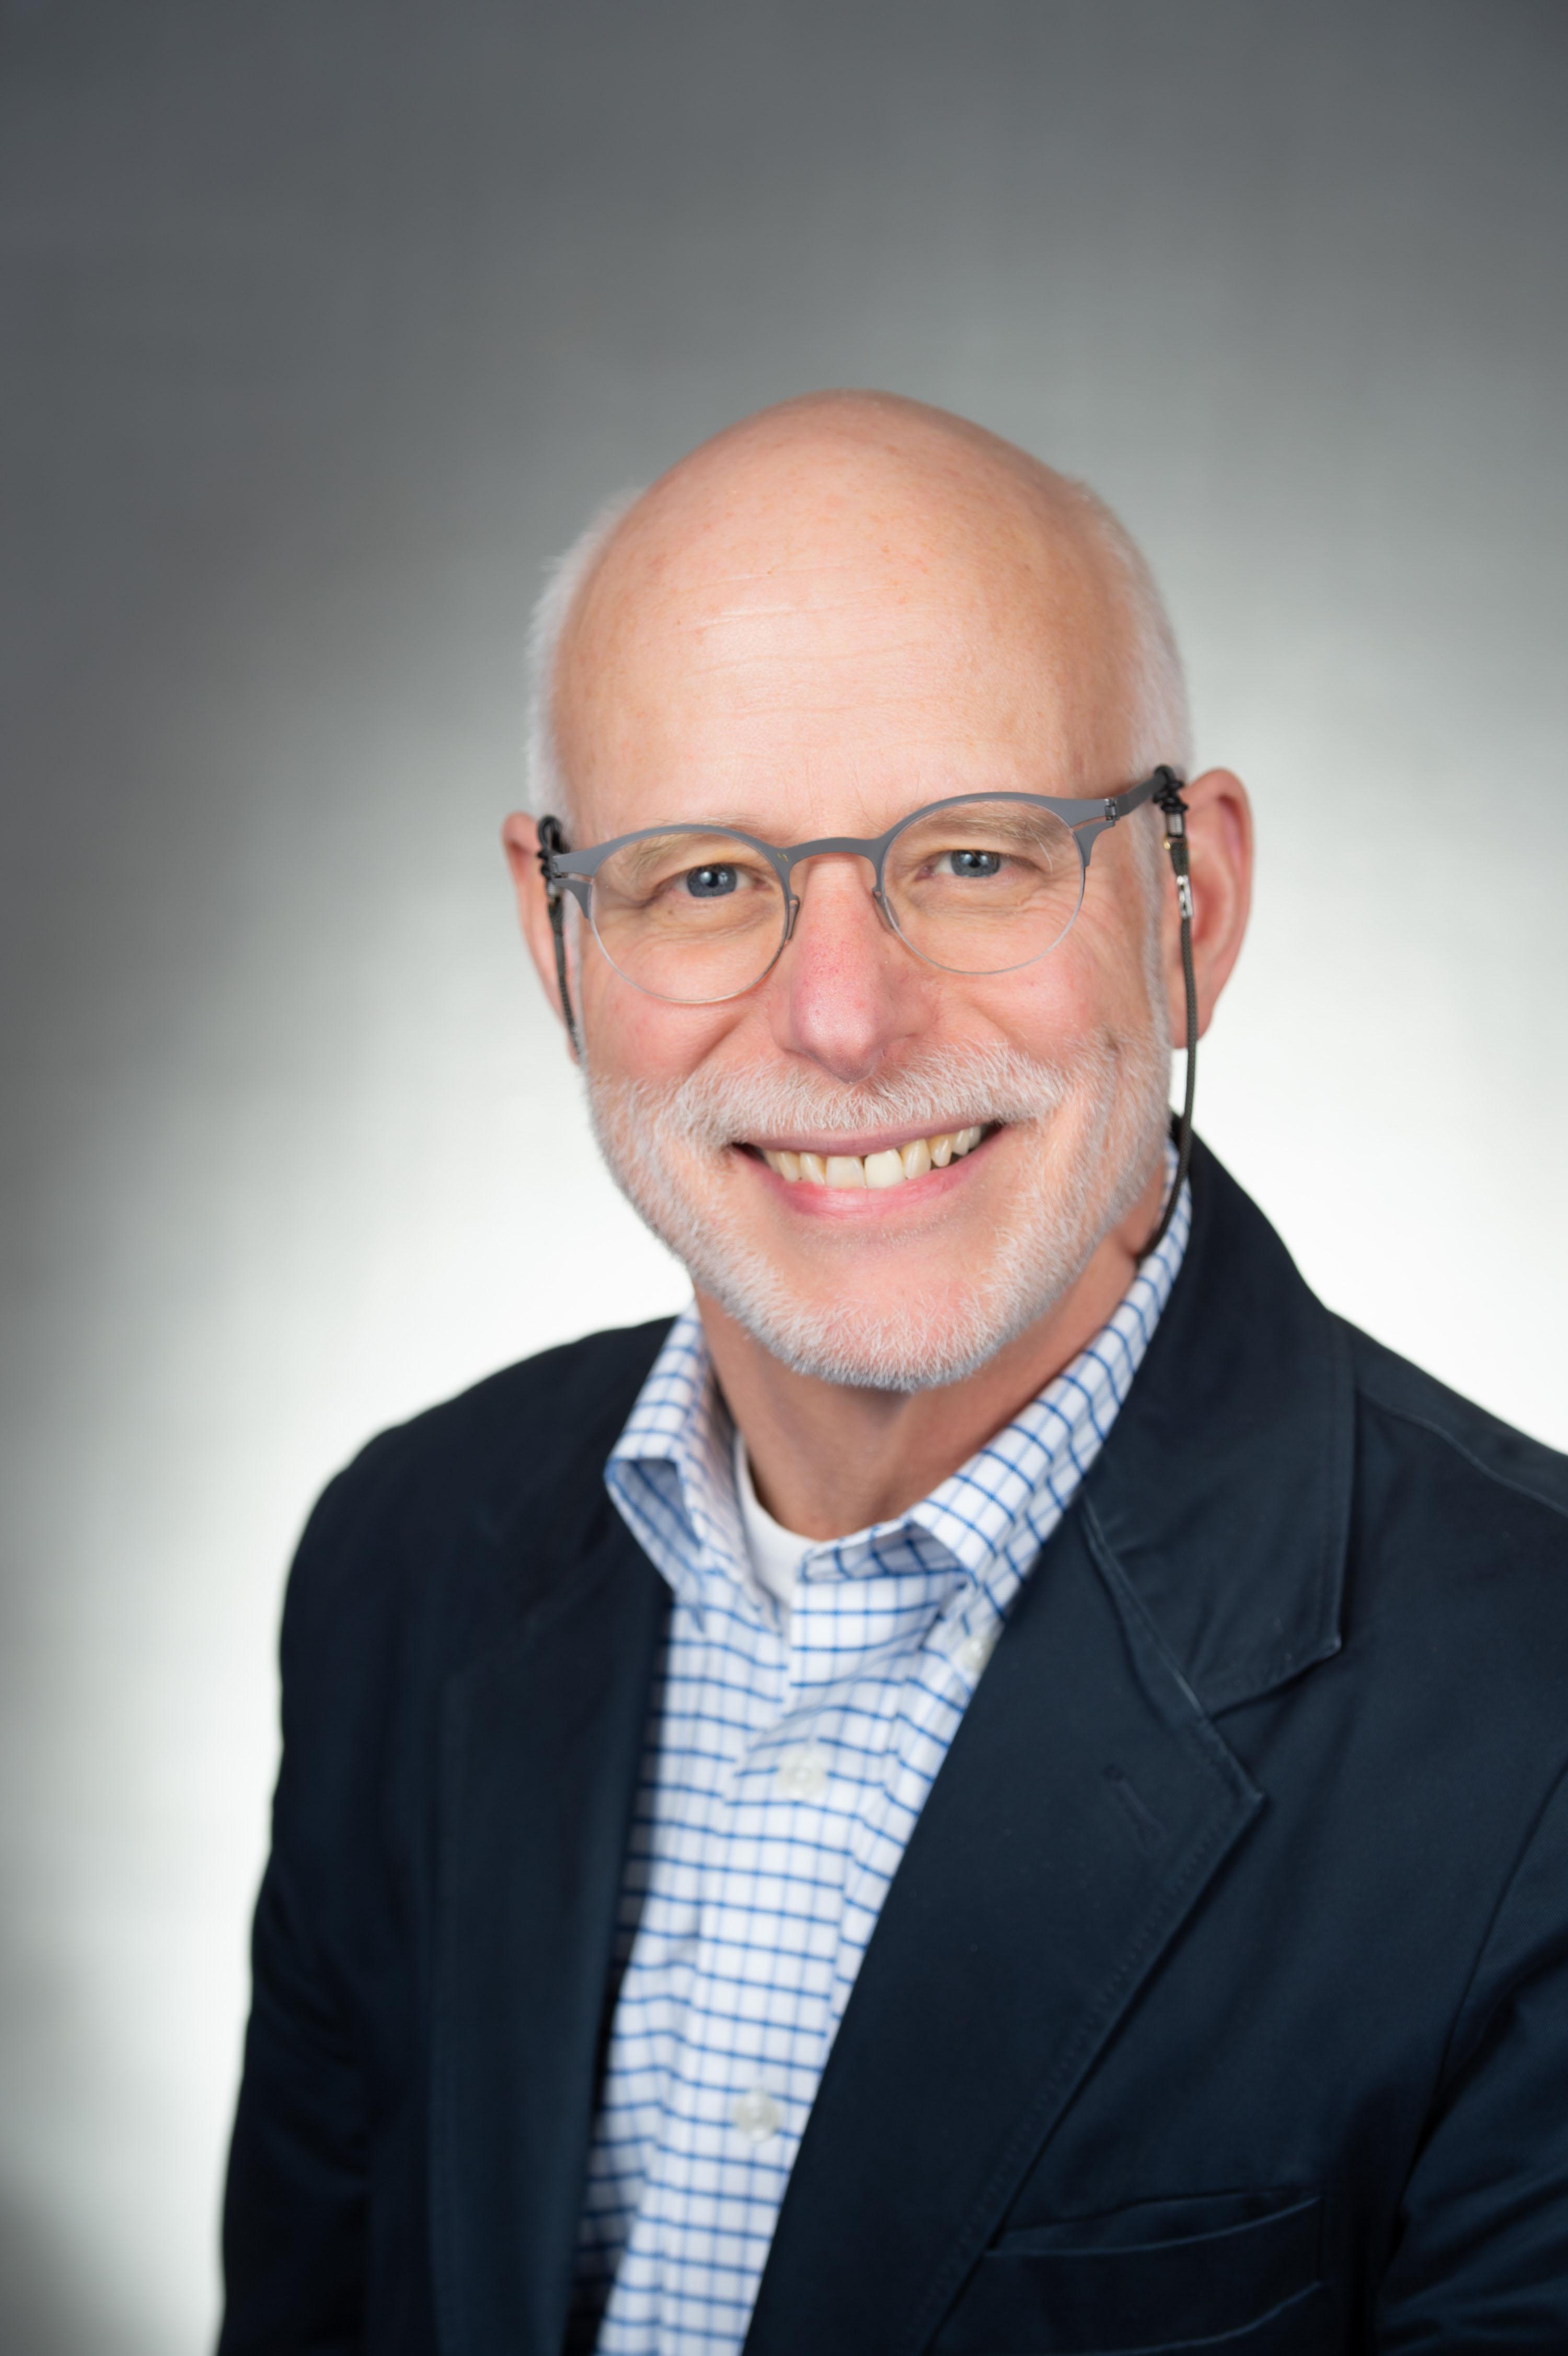 John E. Erickson, MD FACP